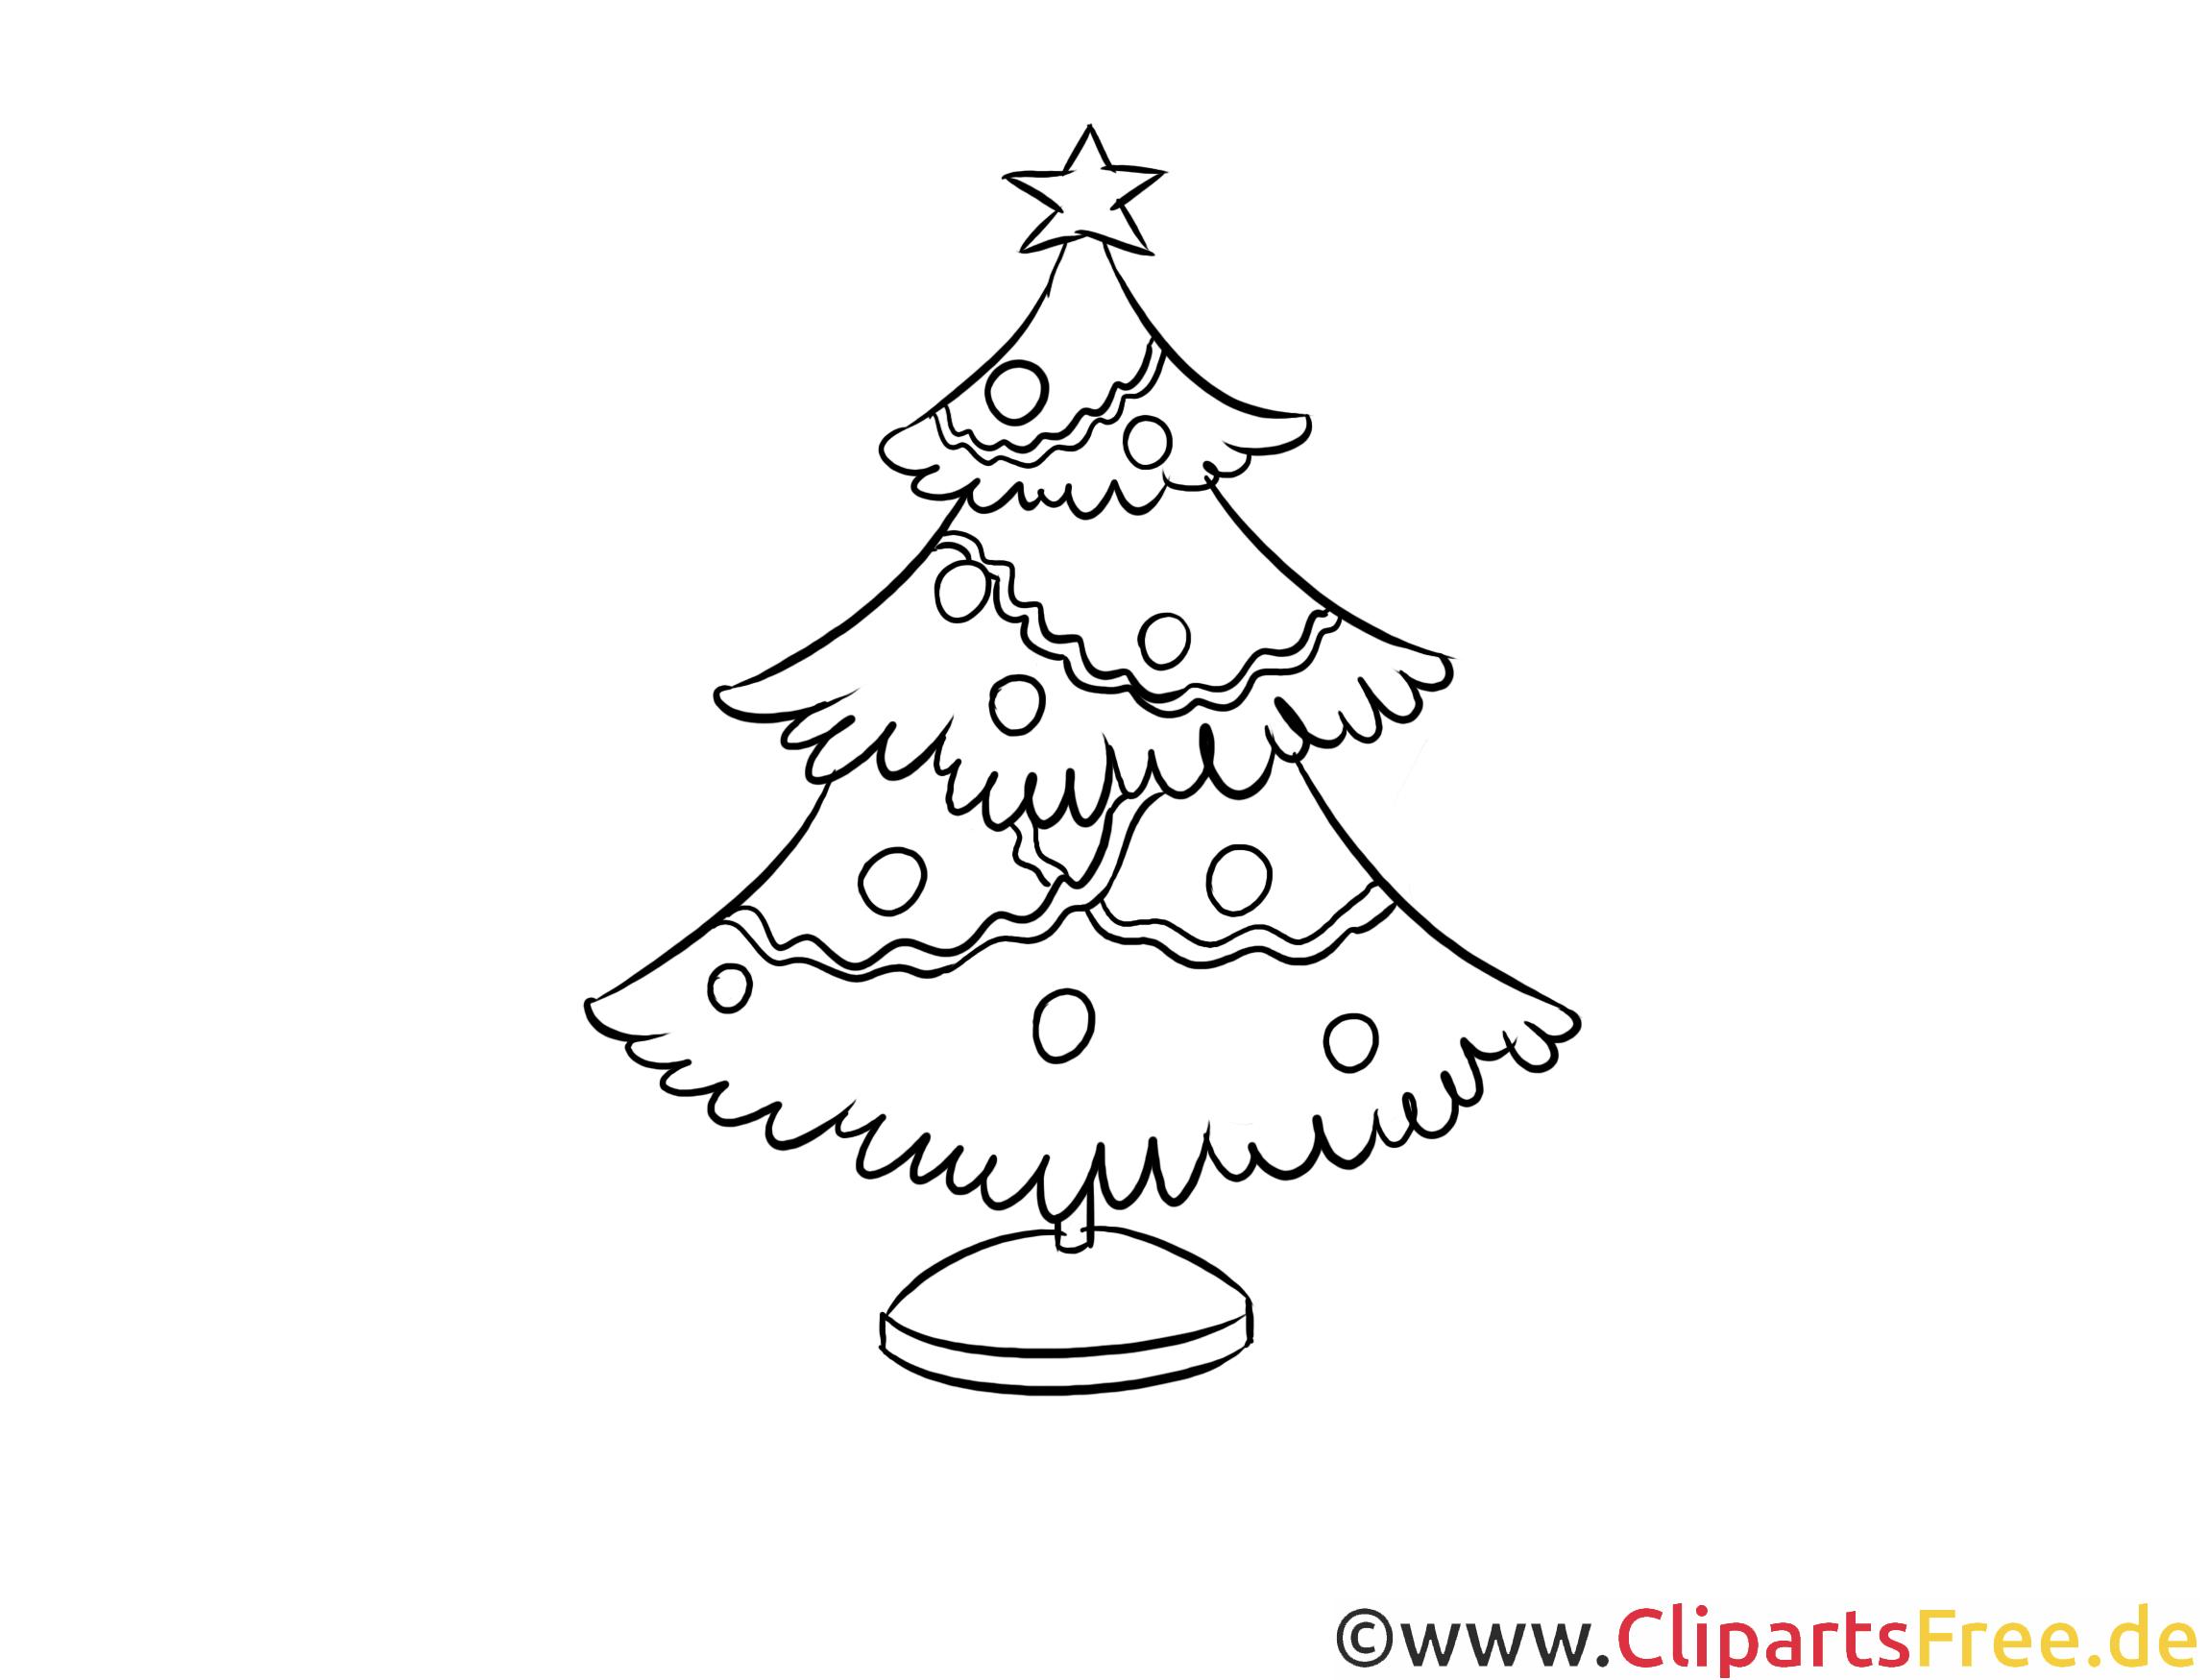 weihnachtsbaum dekupiers ge vorlagen gratis. Black Bedroom Furniture Sets. Home Design Ideas